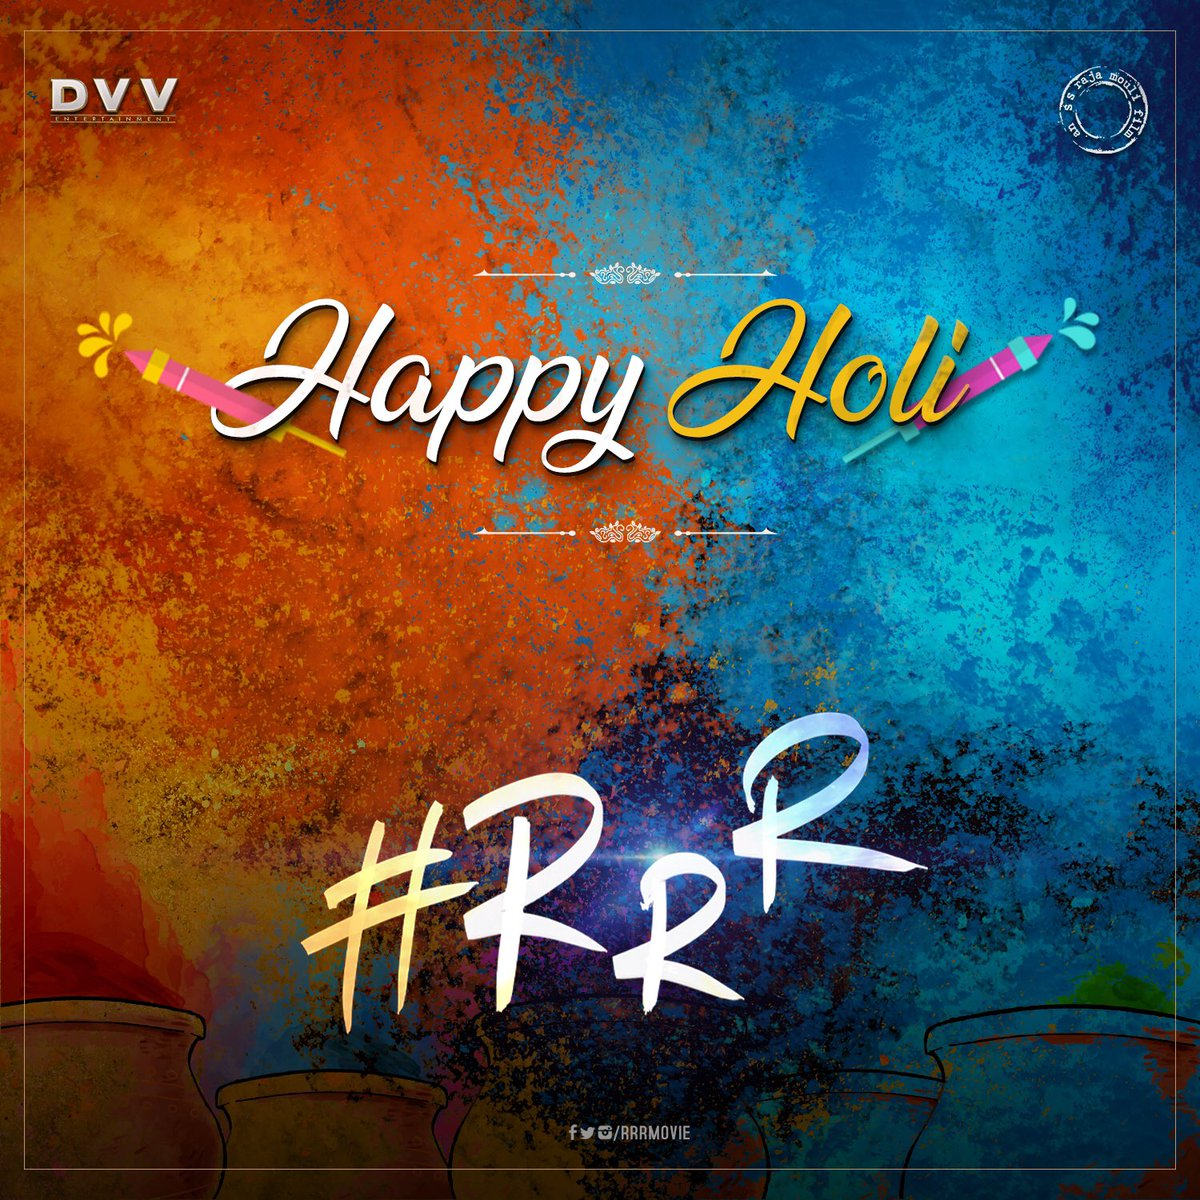 RRR Movie's photo on #Holi2019